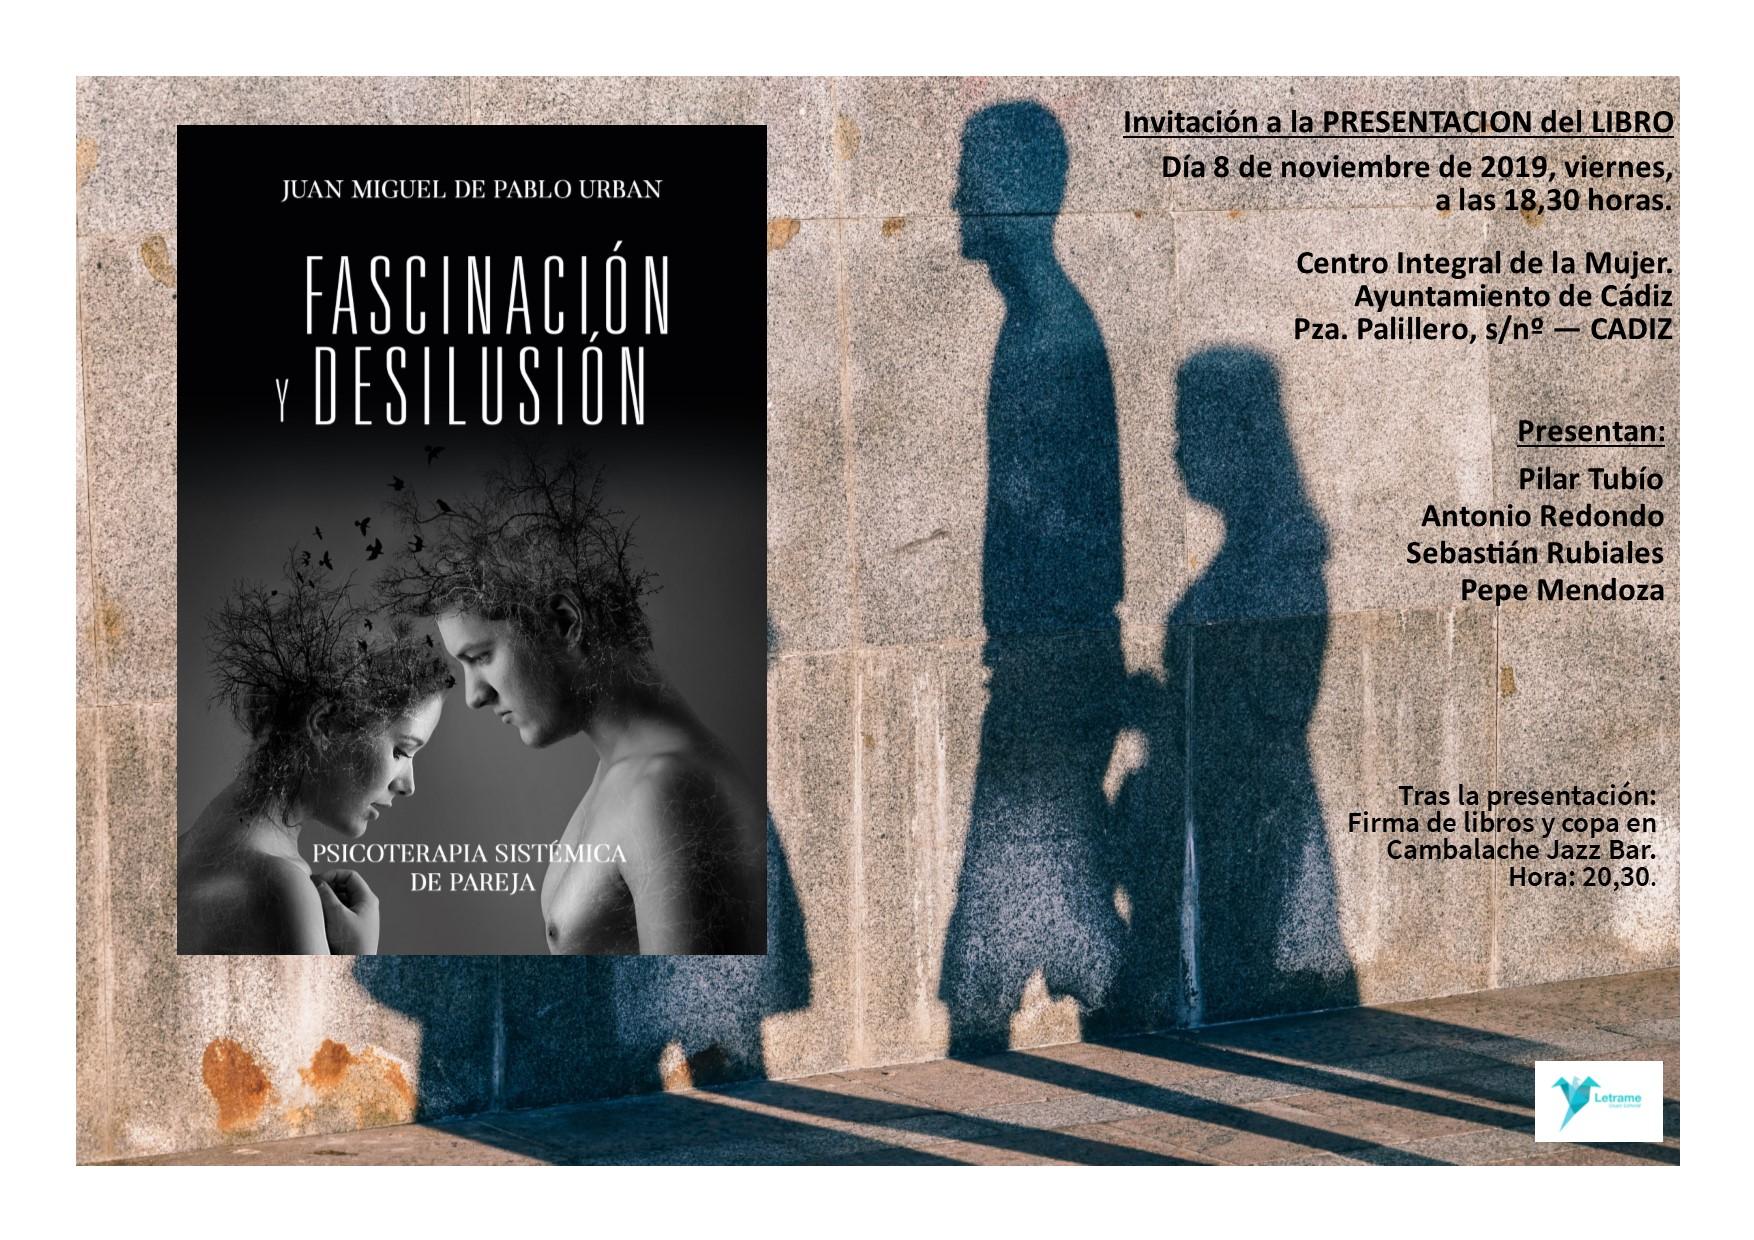 Acto de presentación y firma de libros: Fascinación y desilusión. Psicoterapia sistémica de pareja.